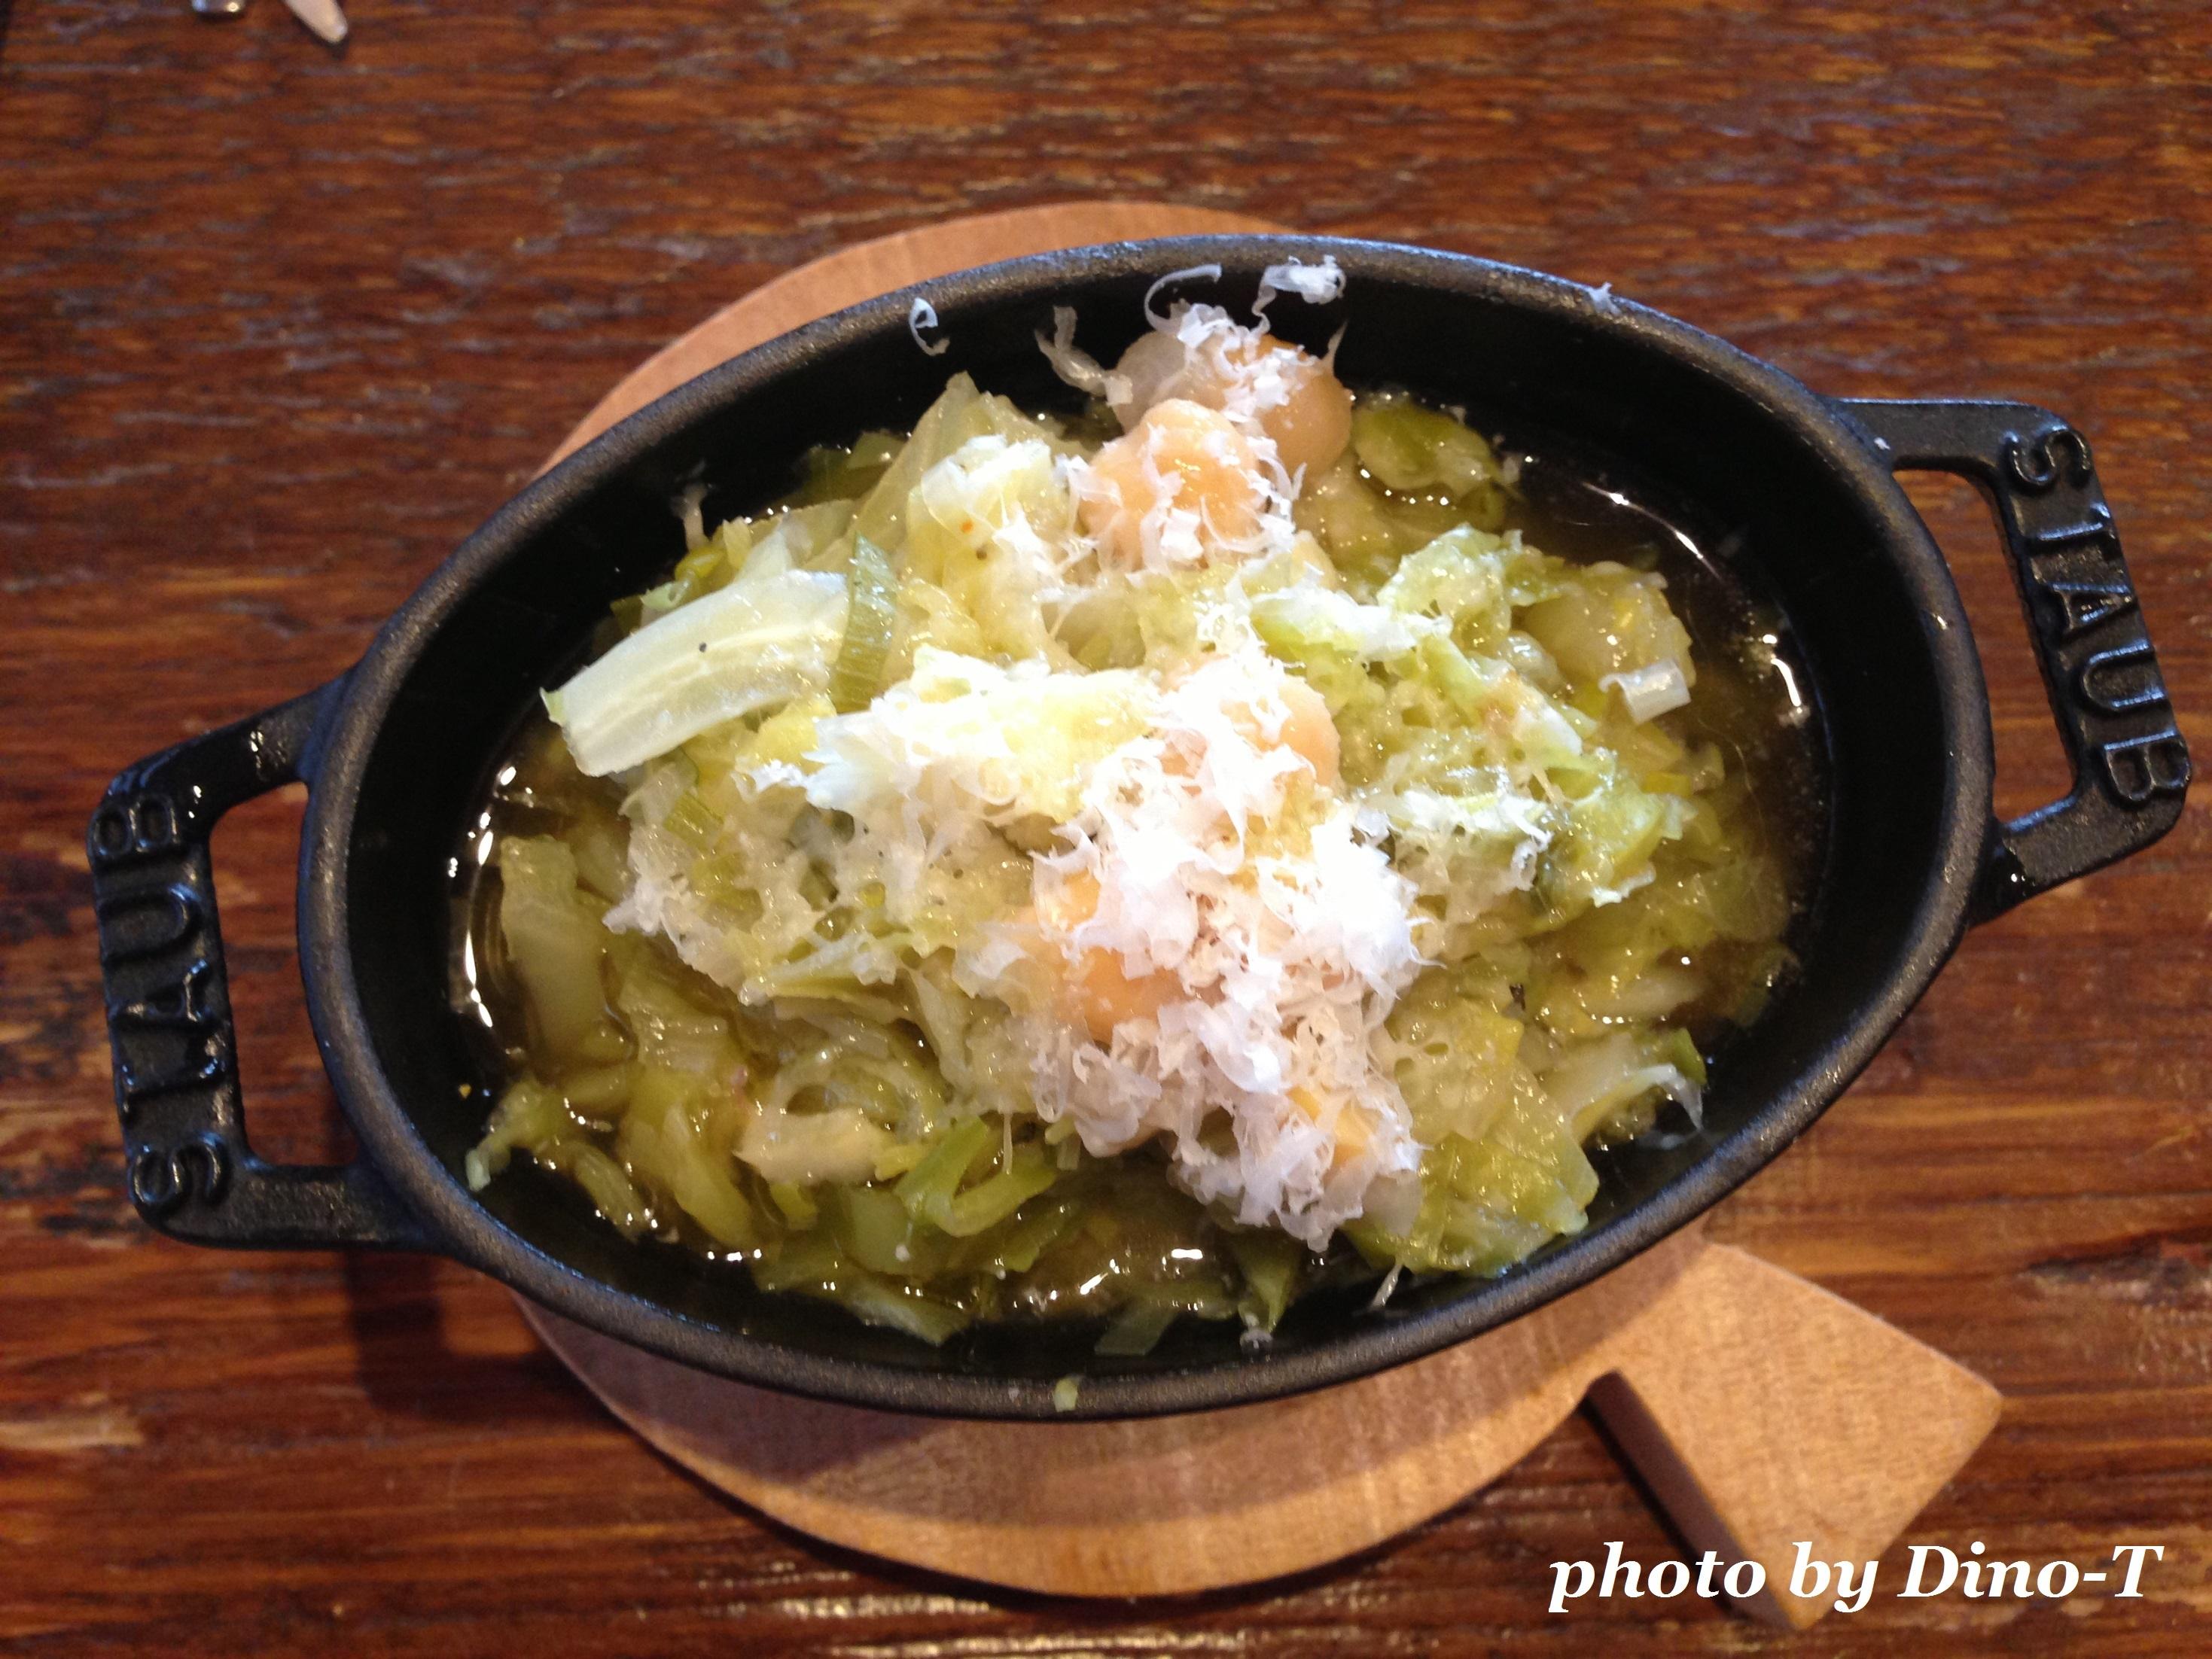 キャベツとひよこ豆のスープ1